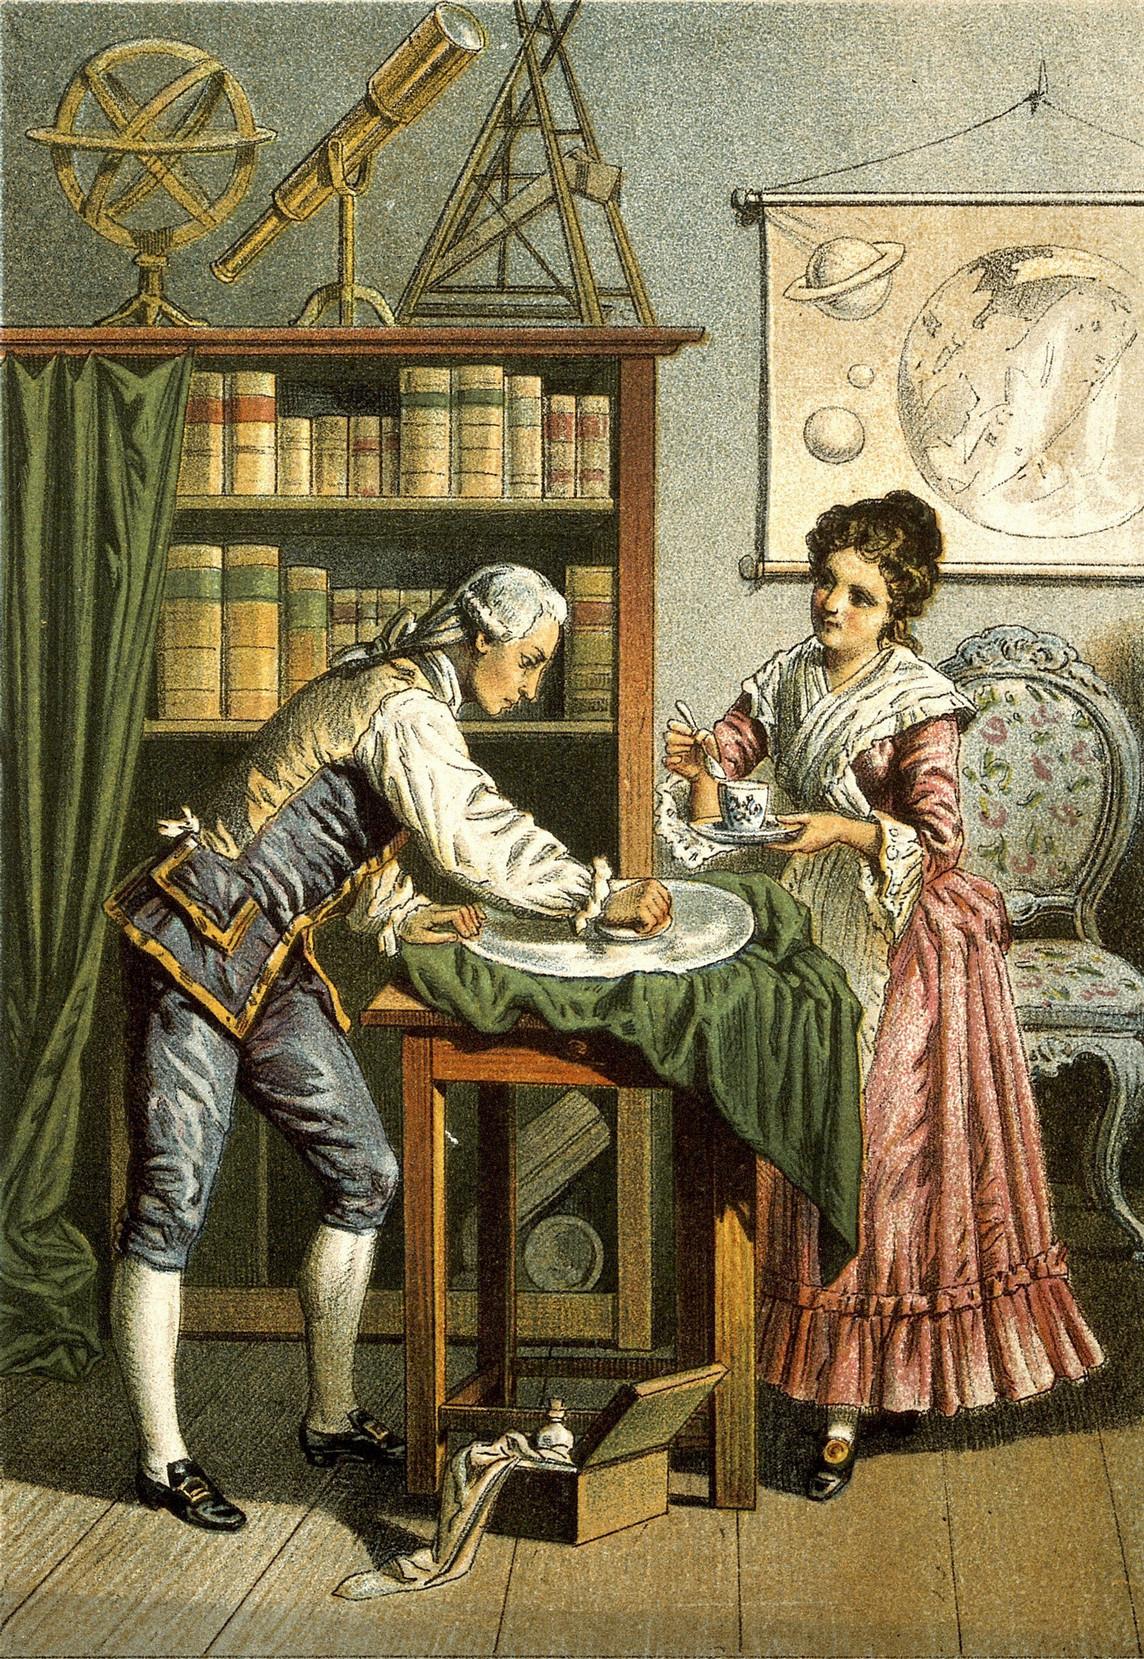 Уильям и Каролина изготавливают телескоп. Литография ок. 1896 года